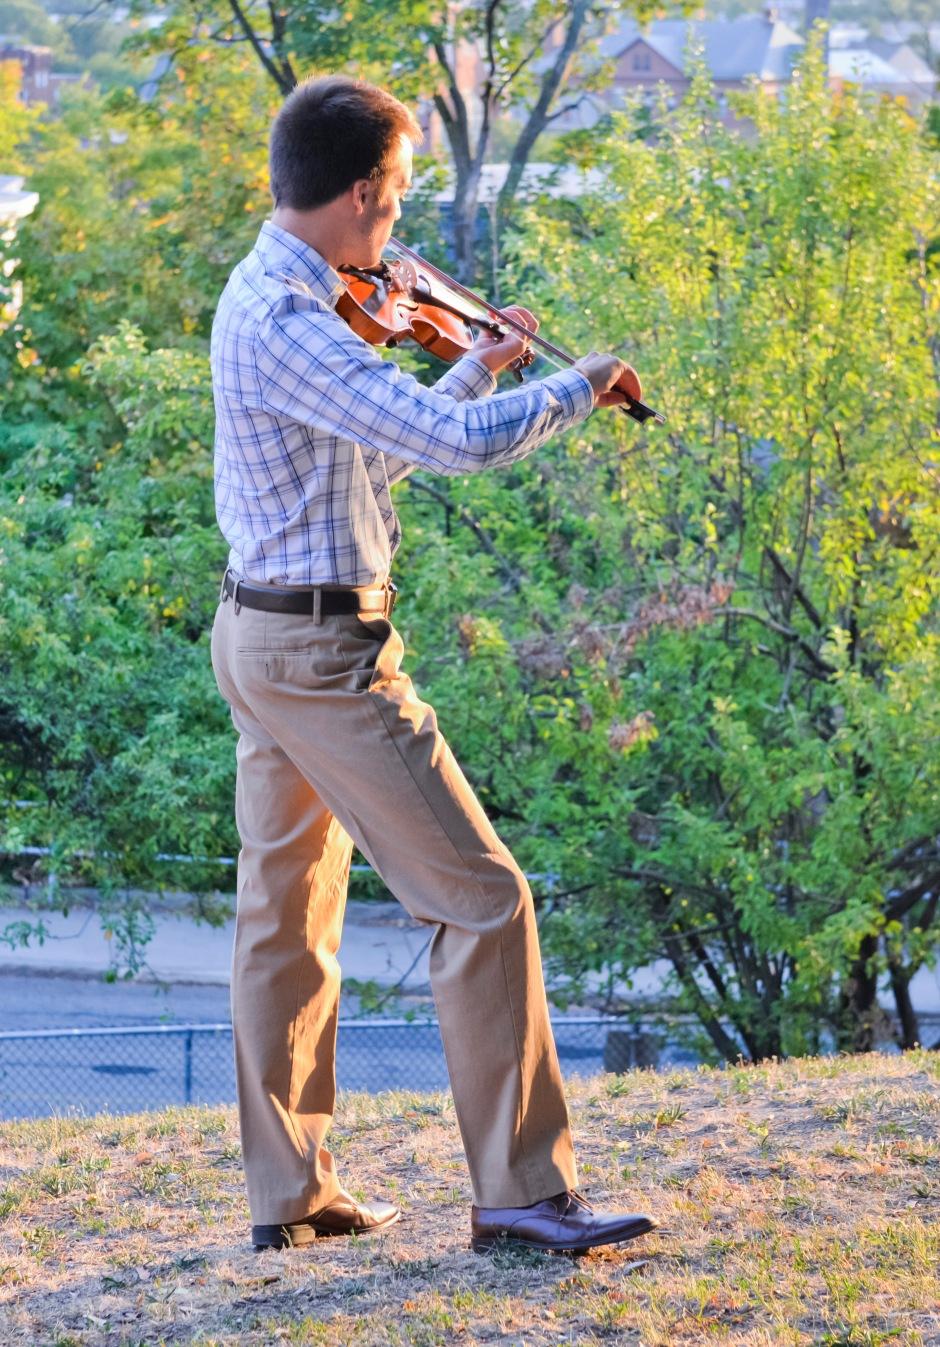 erik_violin11